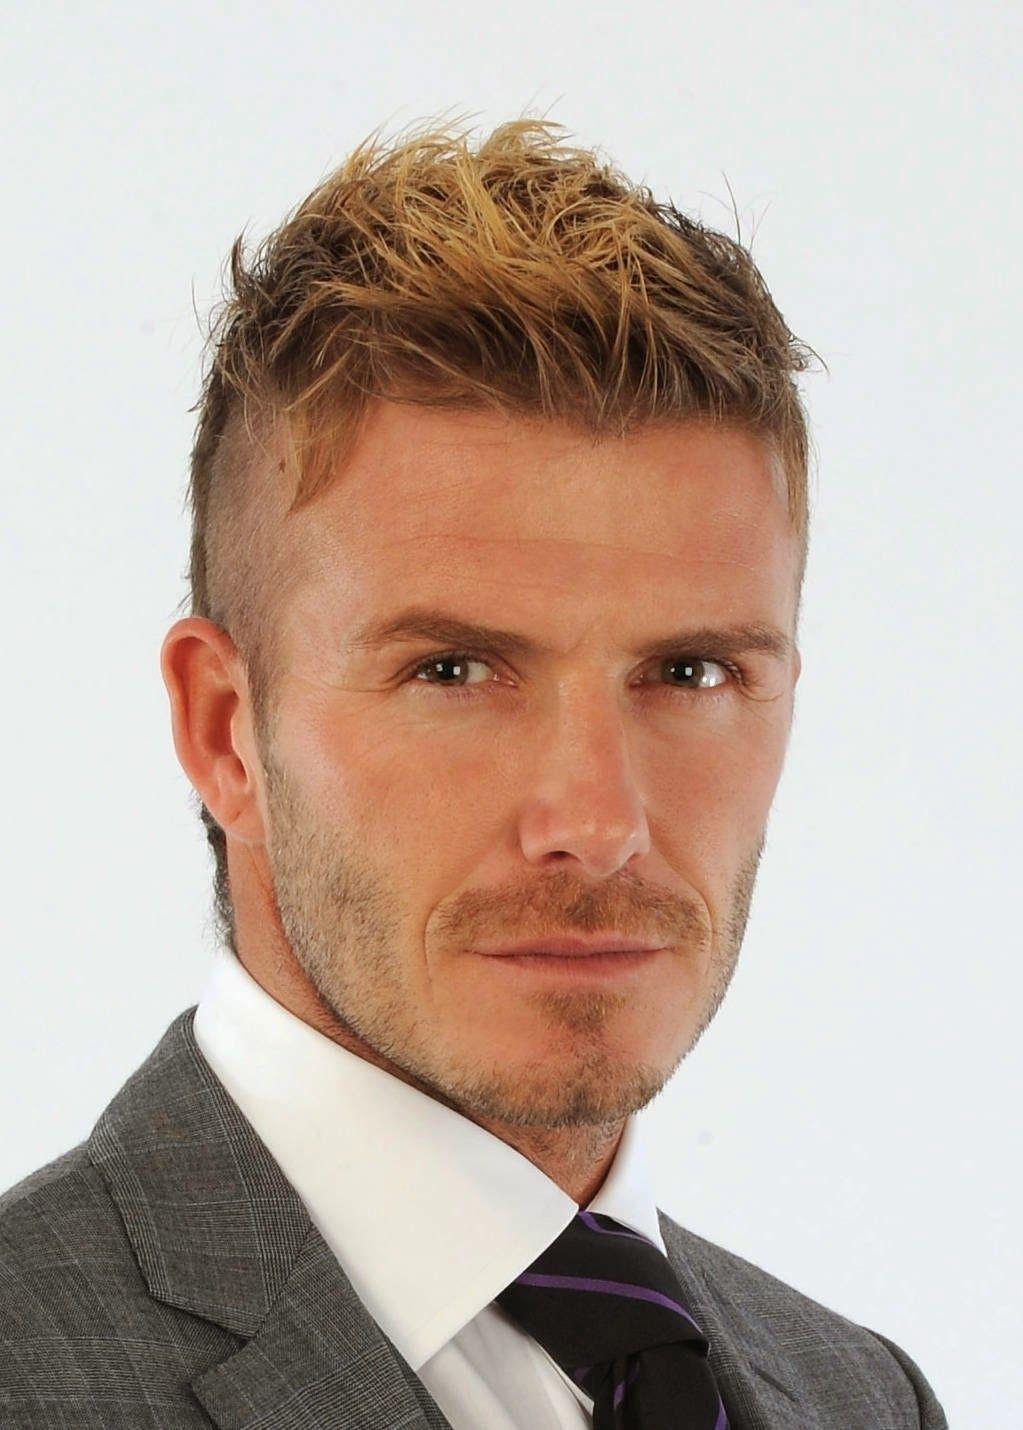 Image For Model Rambut Pendek Pria Wajah Bulat Mst Men - Gaya rambut pendek untuk wajah bulat pria